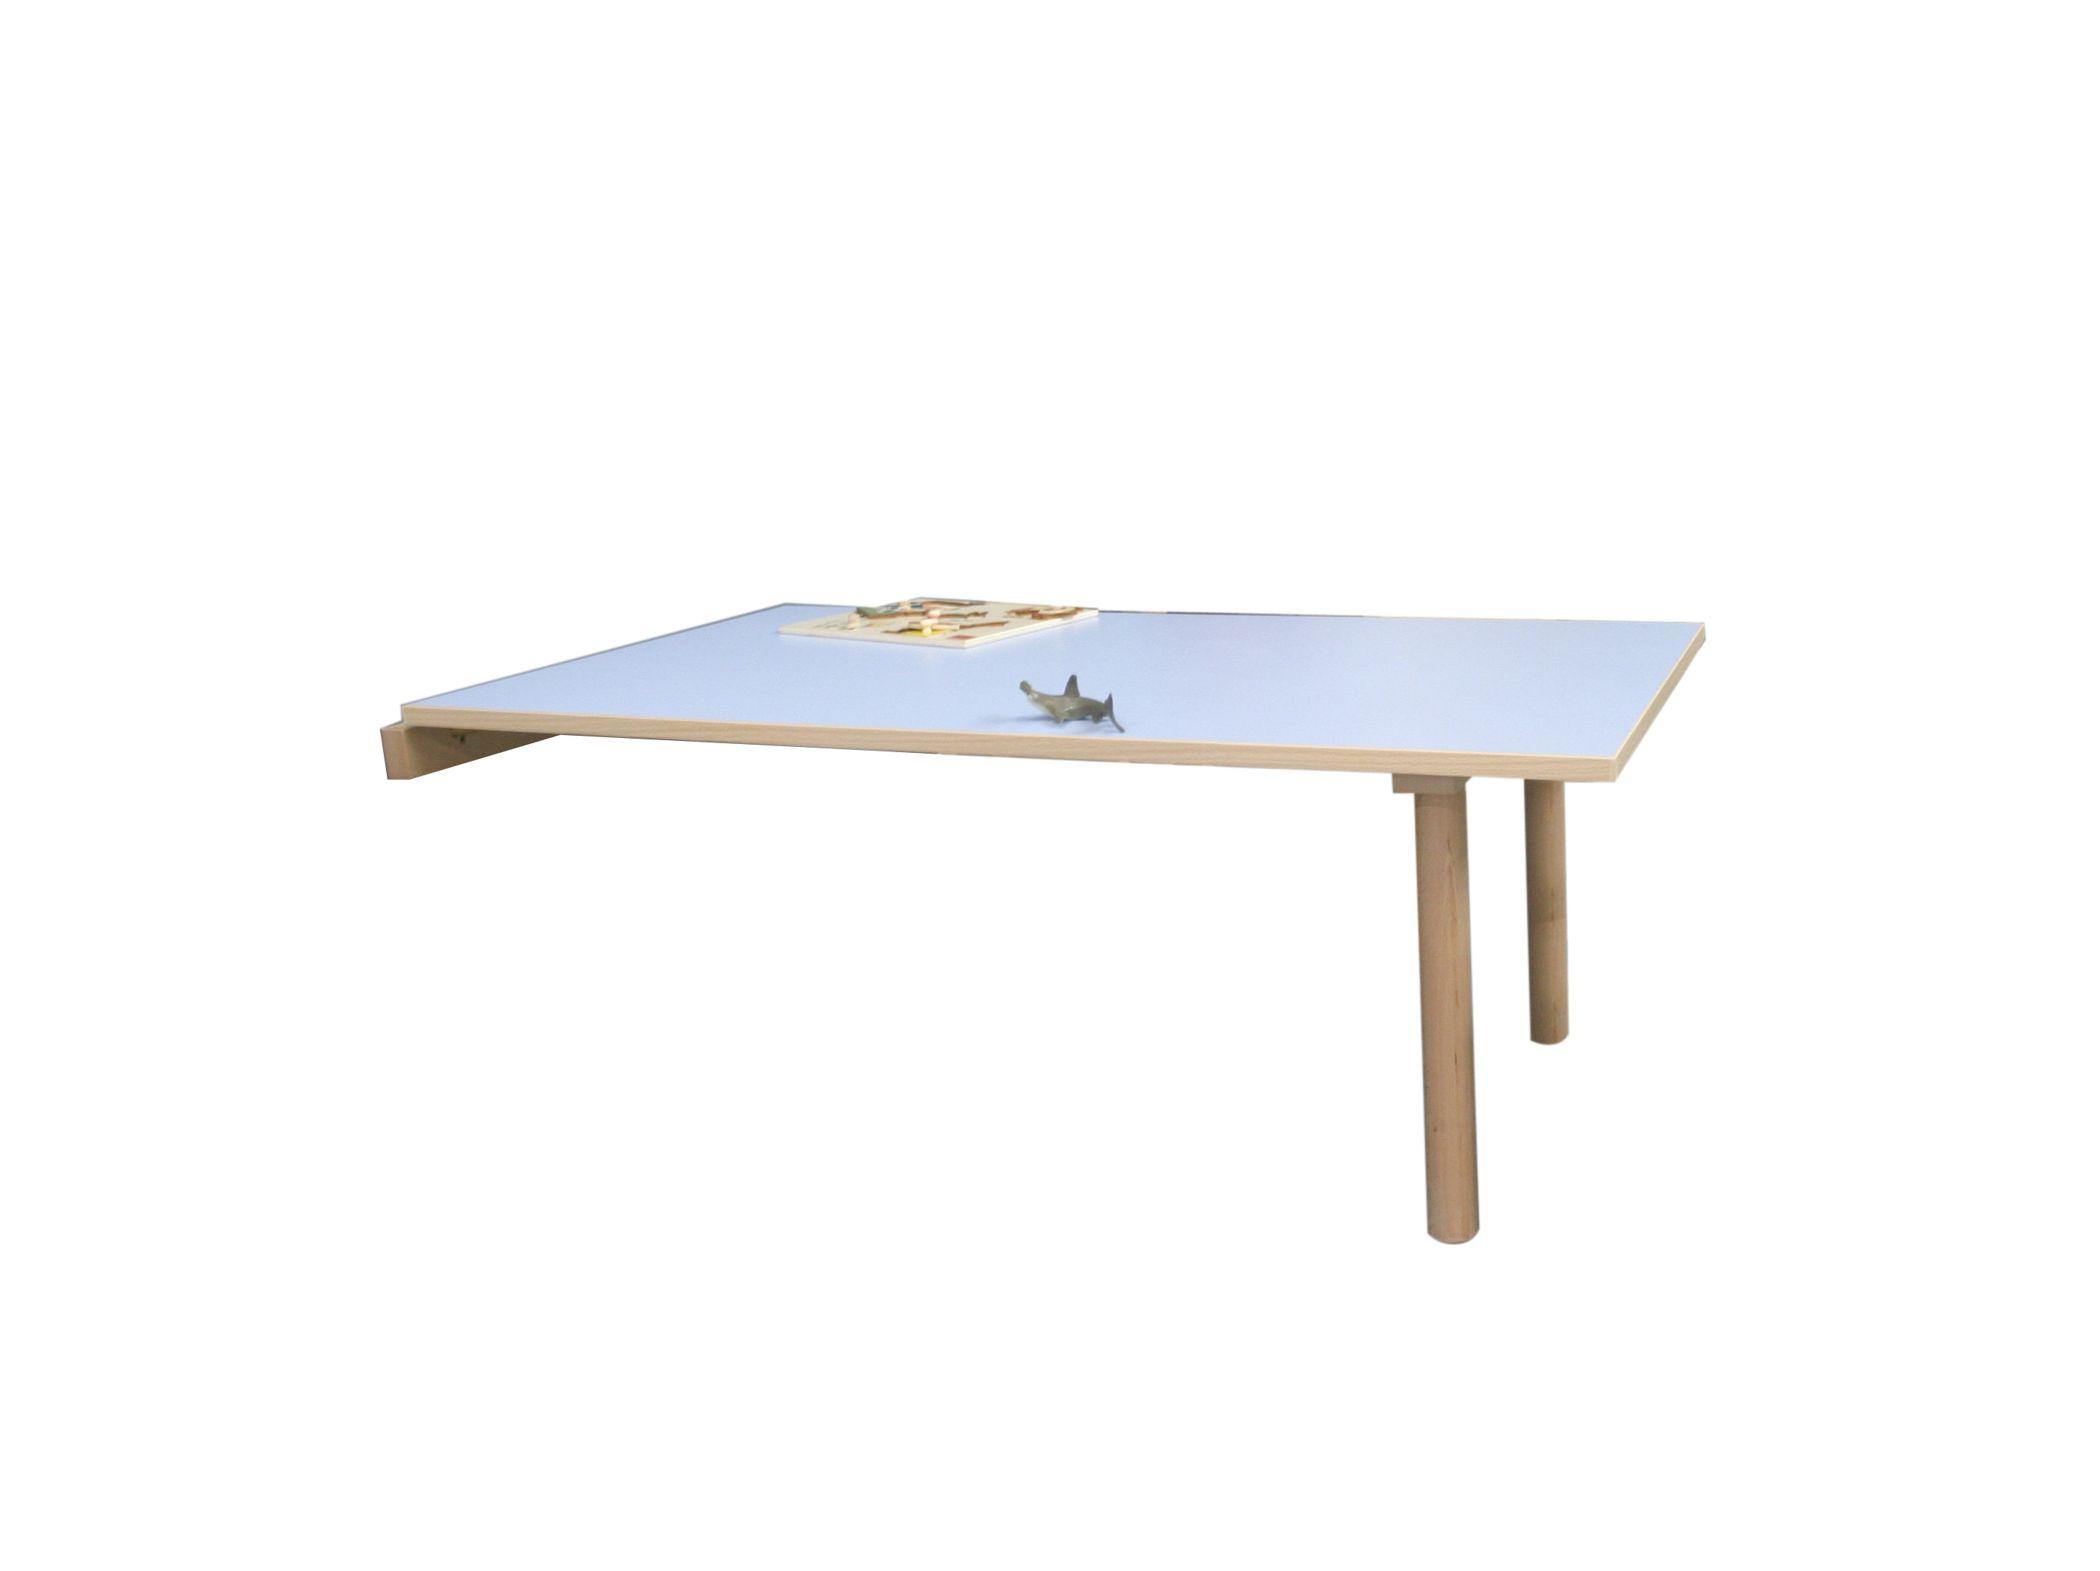 600501a mesa abatible 120 x 65 cm mobeduc mobiliario for Mesa abatible